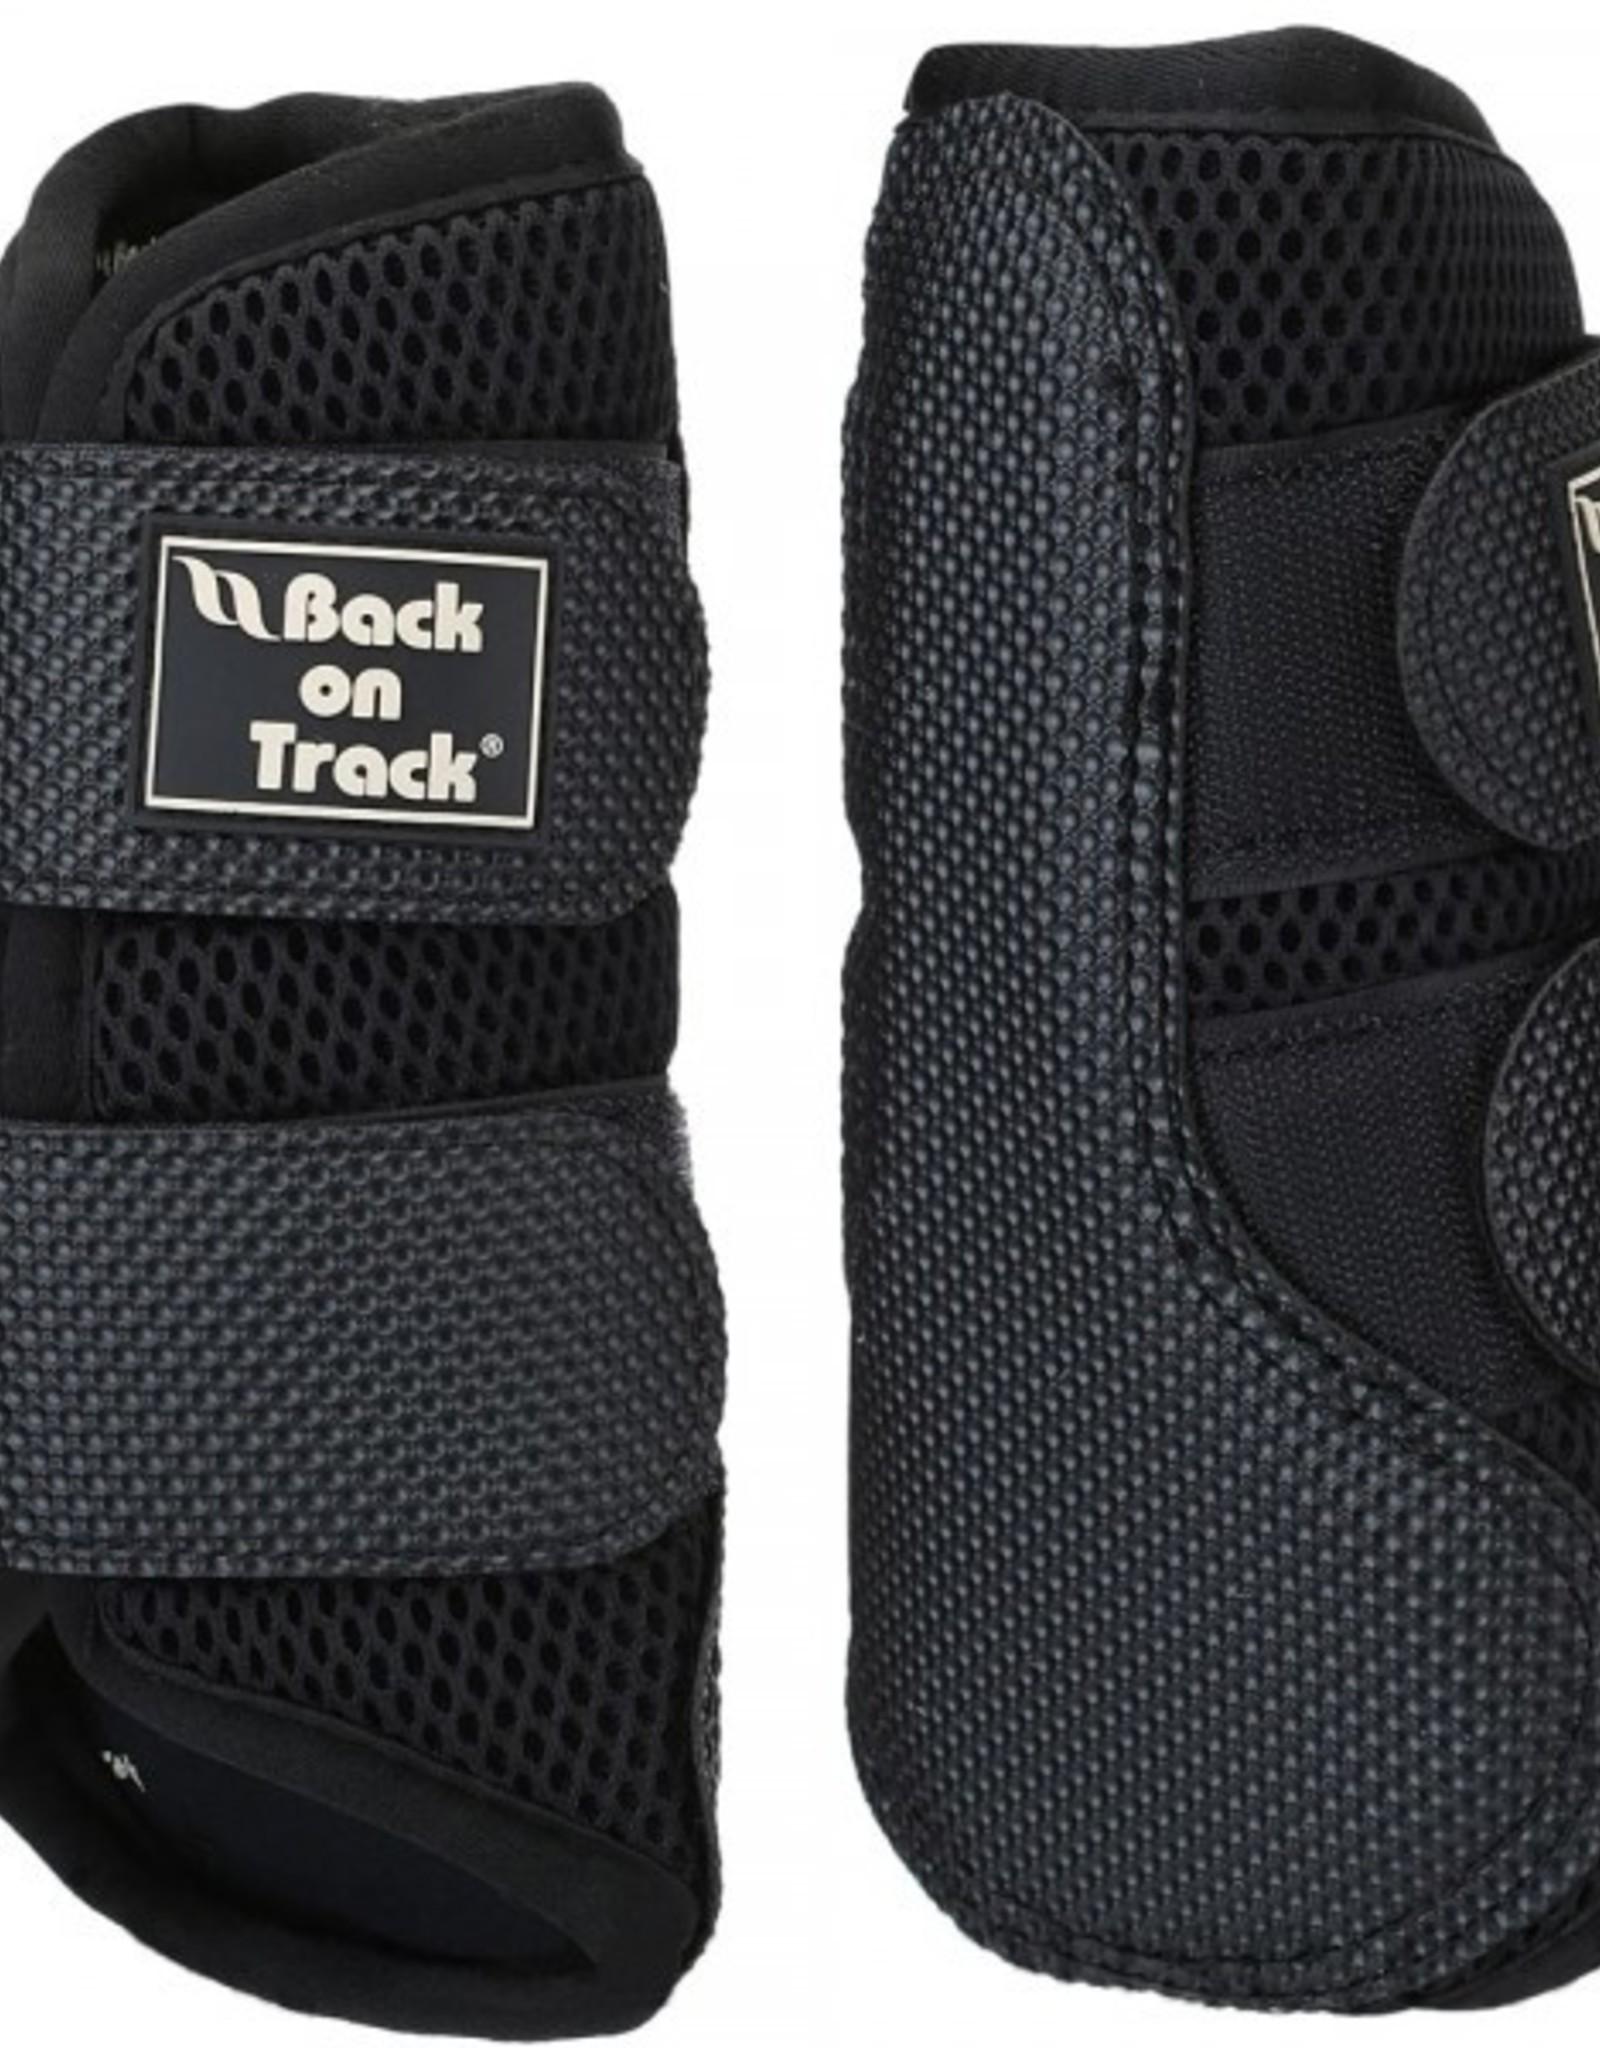 BACK ON TRACK 3D MESH BRUSH BOOT